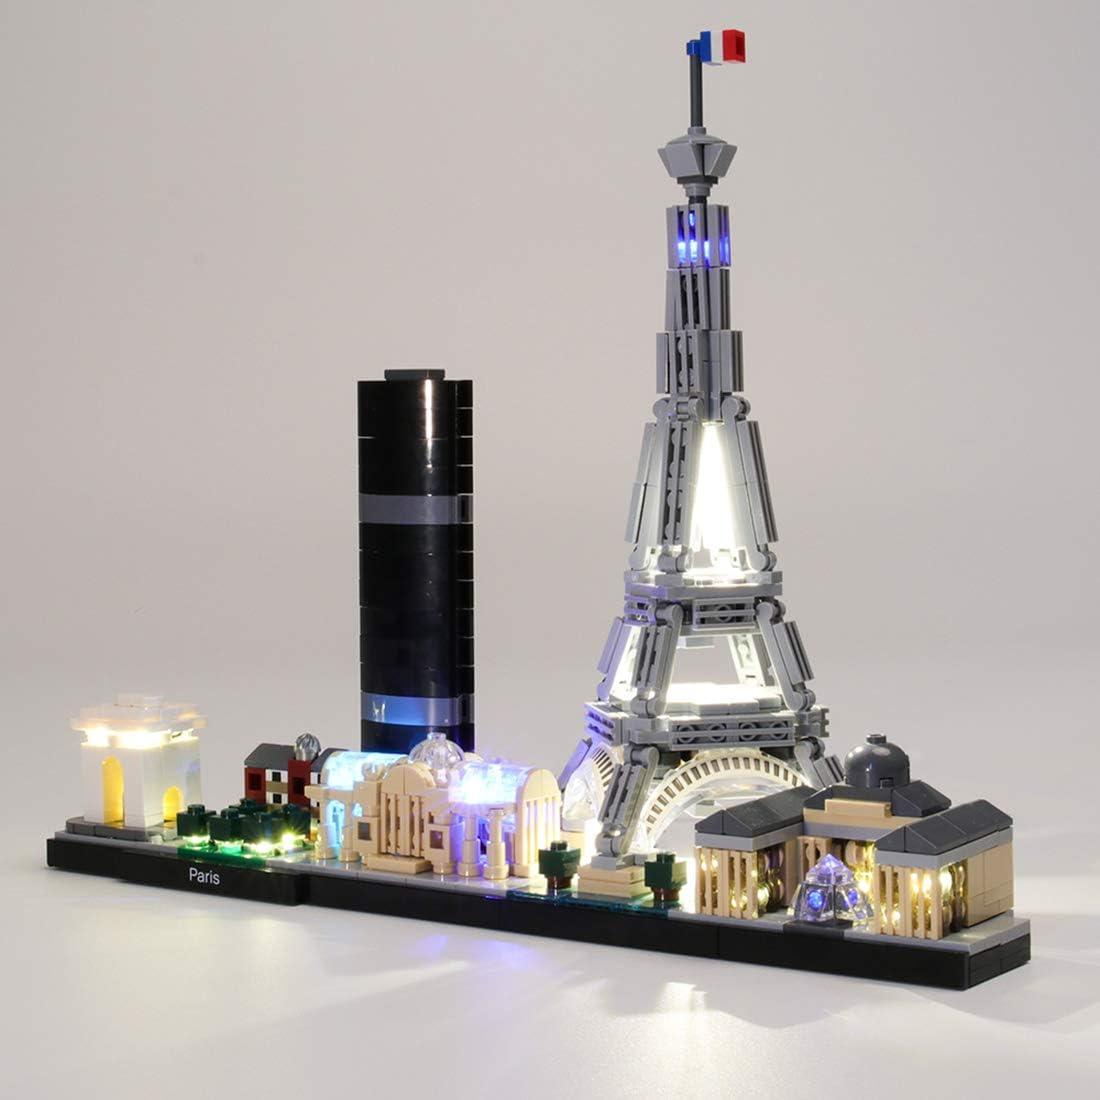 K9CK Luces LED para Lego Architecture París 21044, Kit de Iluminación Luz Compatible con Bloques de construcción (NO Incluido en el Modelo)